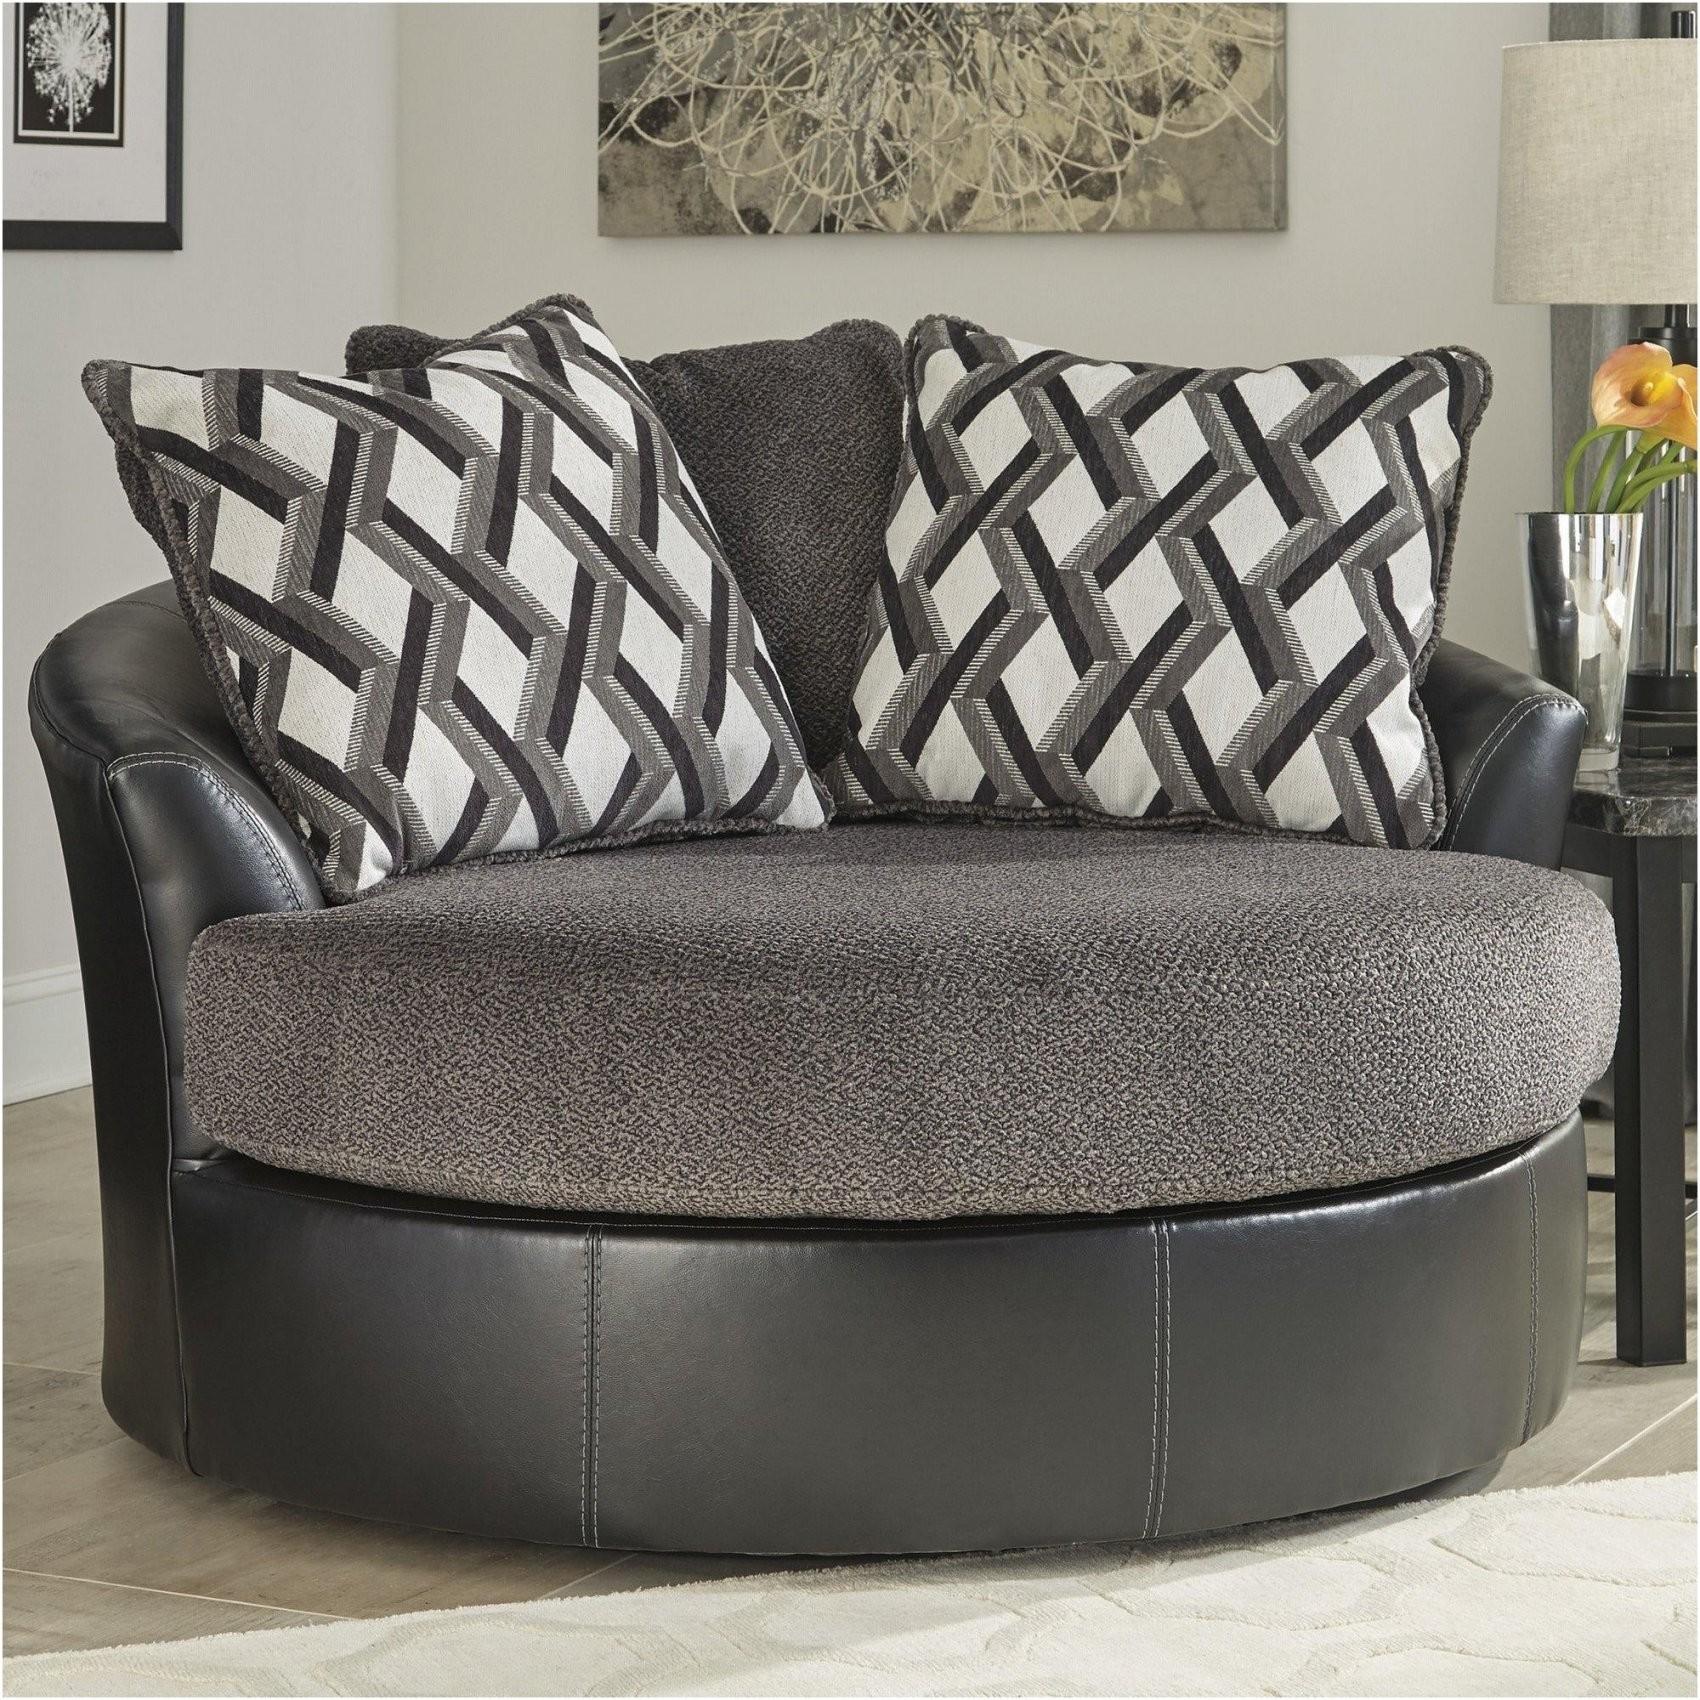 Schlafsofa Ideen Und Bilder 2 Sitzer Sofa Zum Ausziehen – Schtimm von 2 Sitzer Sofa Zum Ausziehen Photo